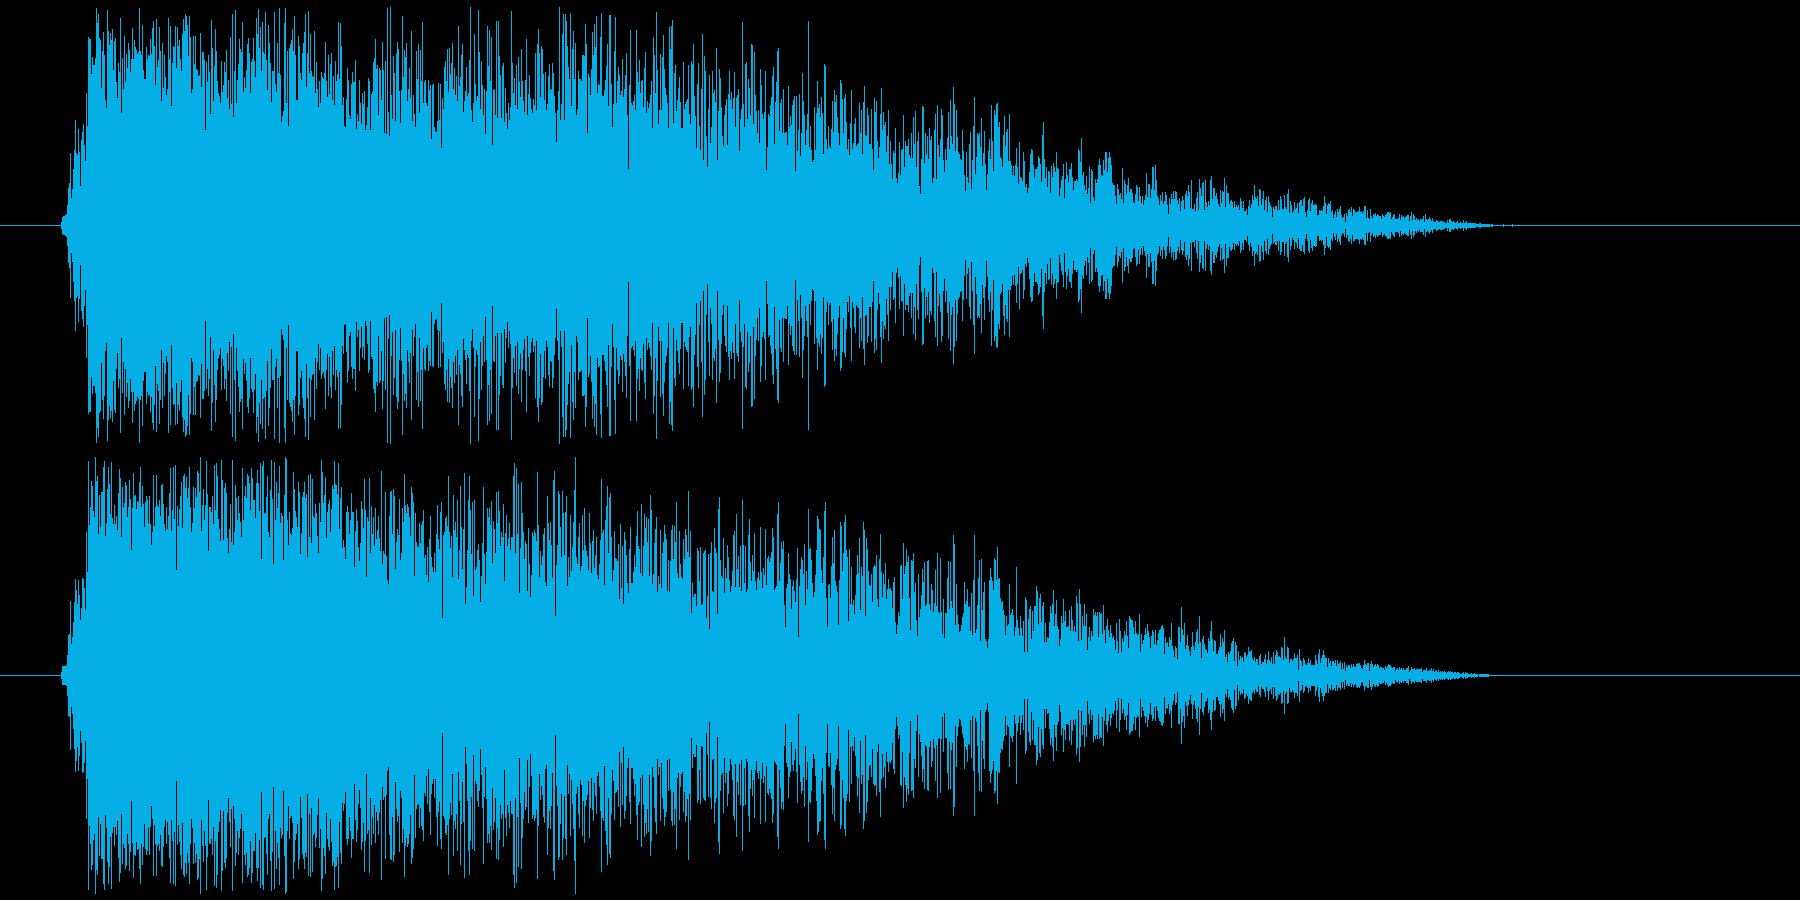 雷鳴の再生済みの波形